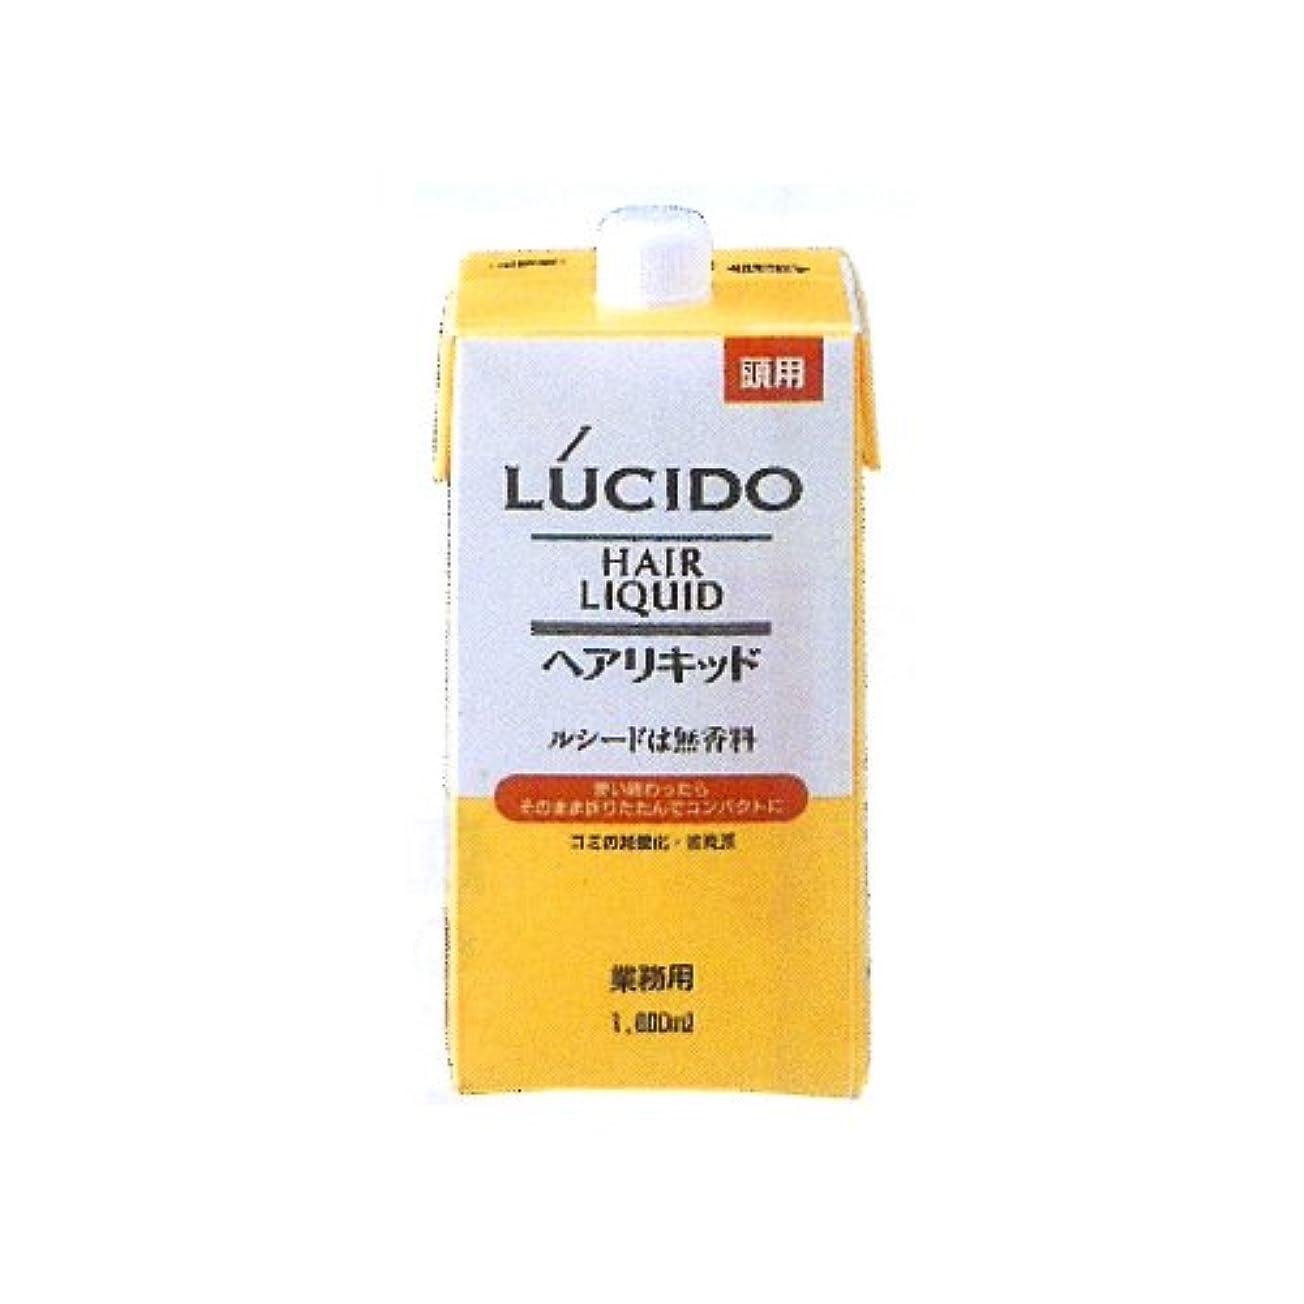 モジュール乳製品どうやらルシード ヘアリキッド 1,000ml